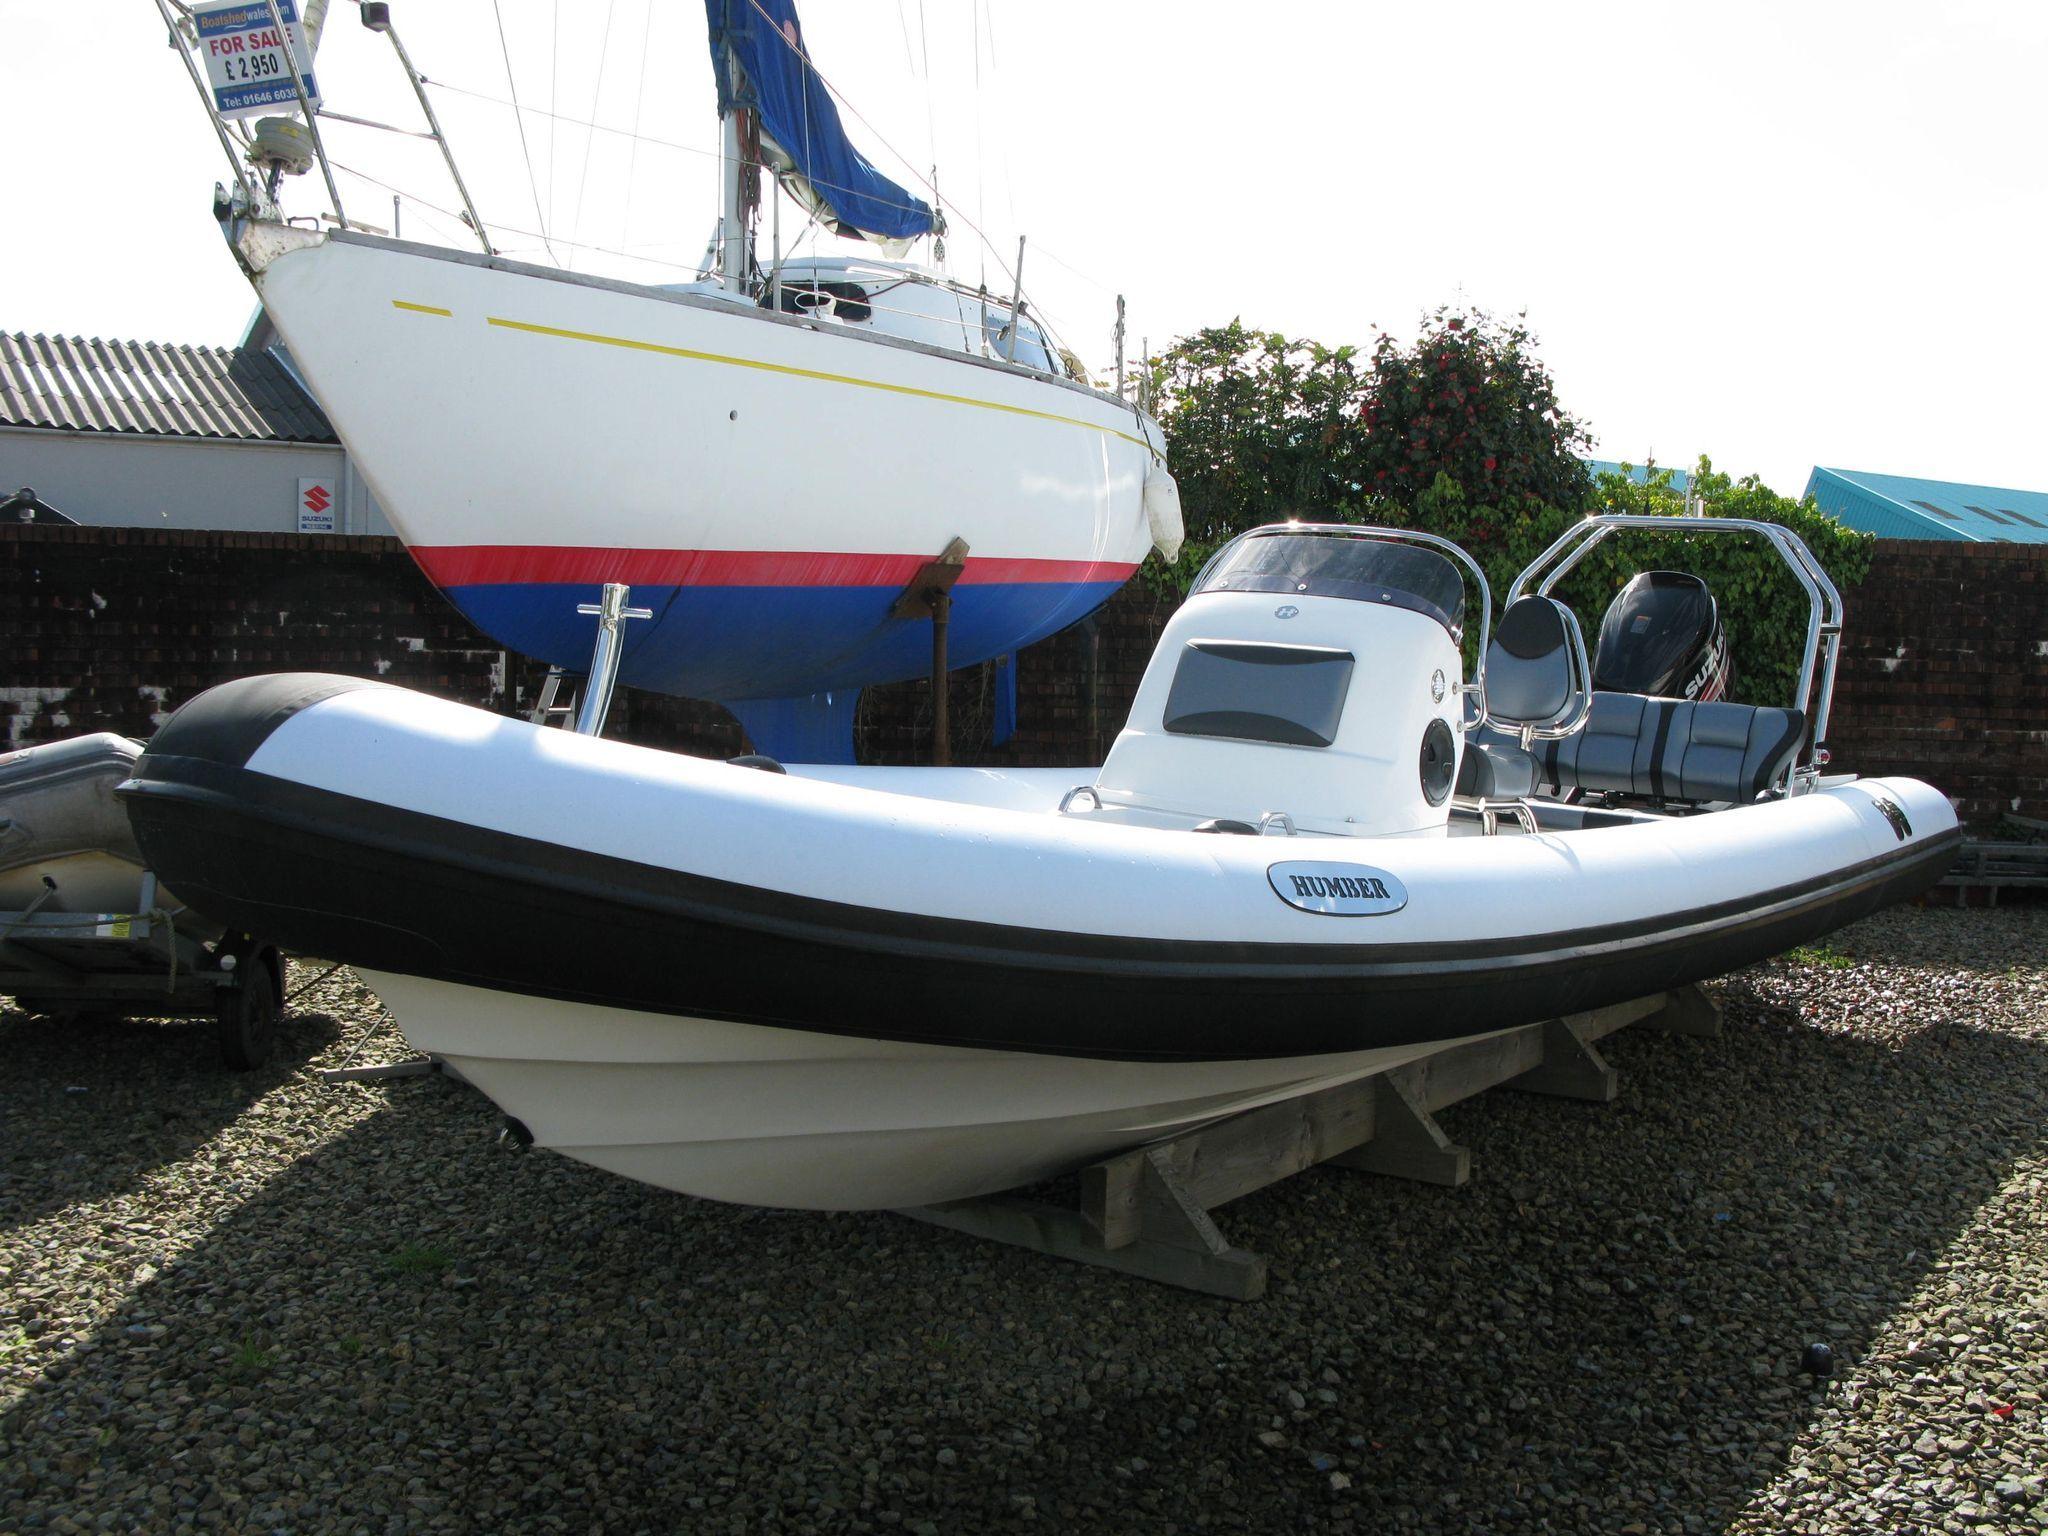 Humber Ocean Pro 8m